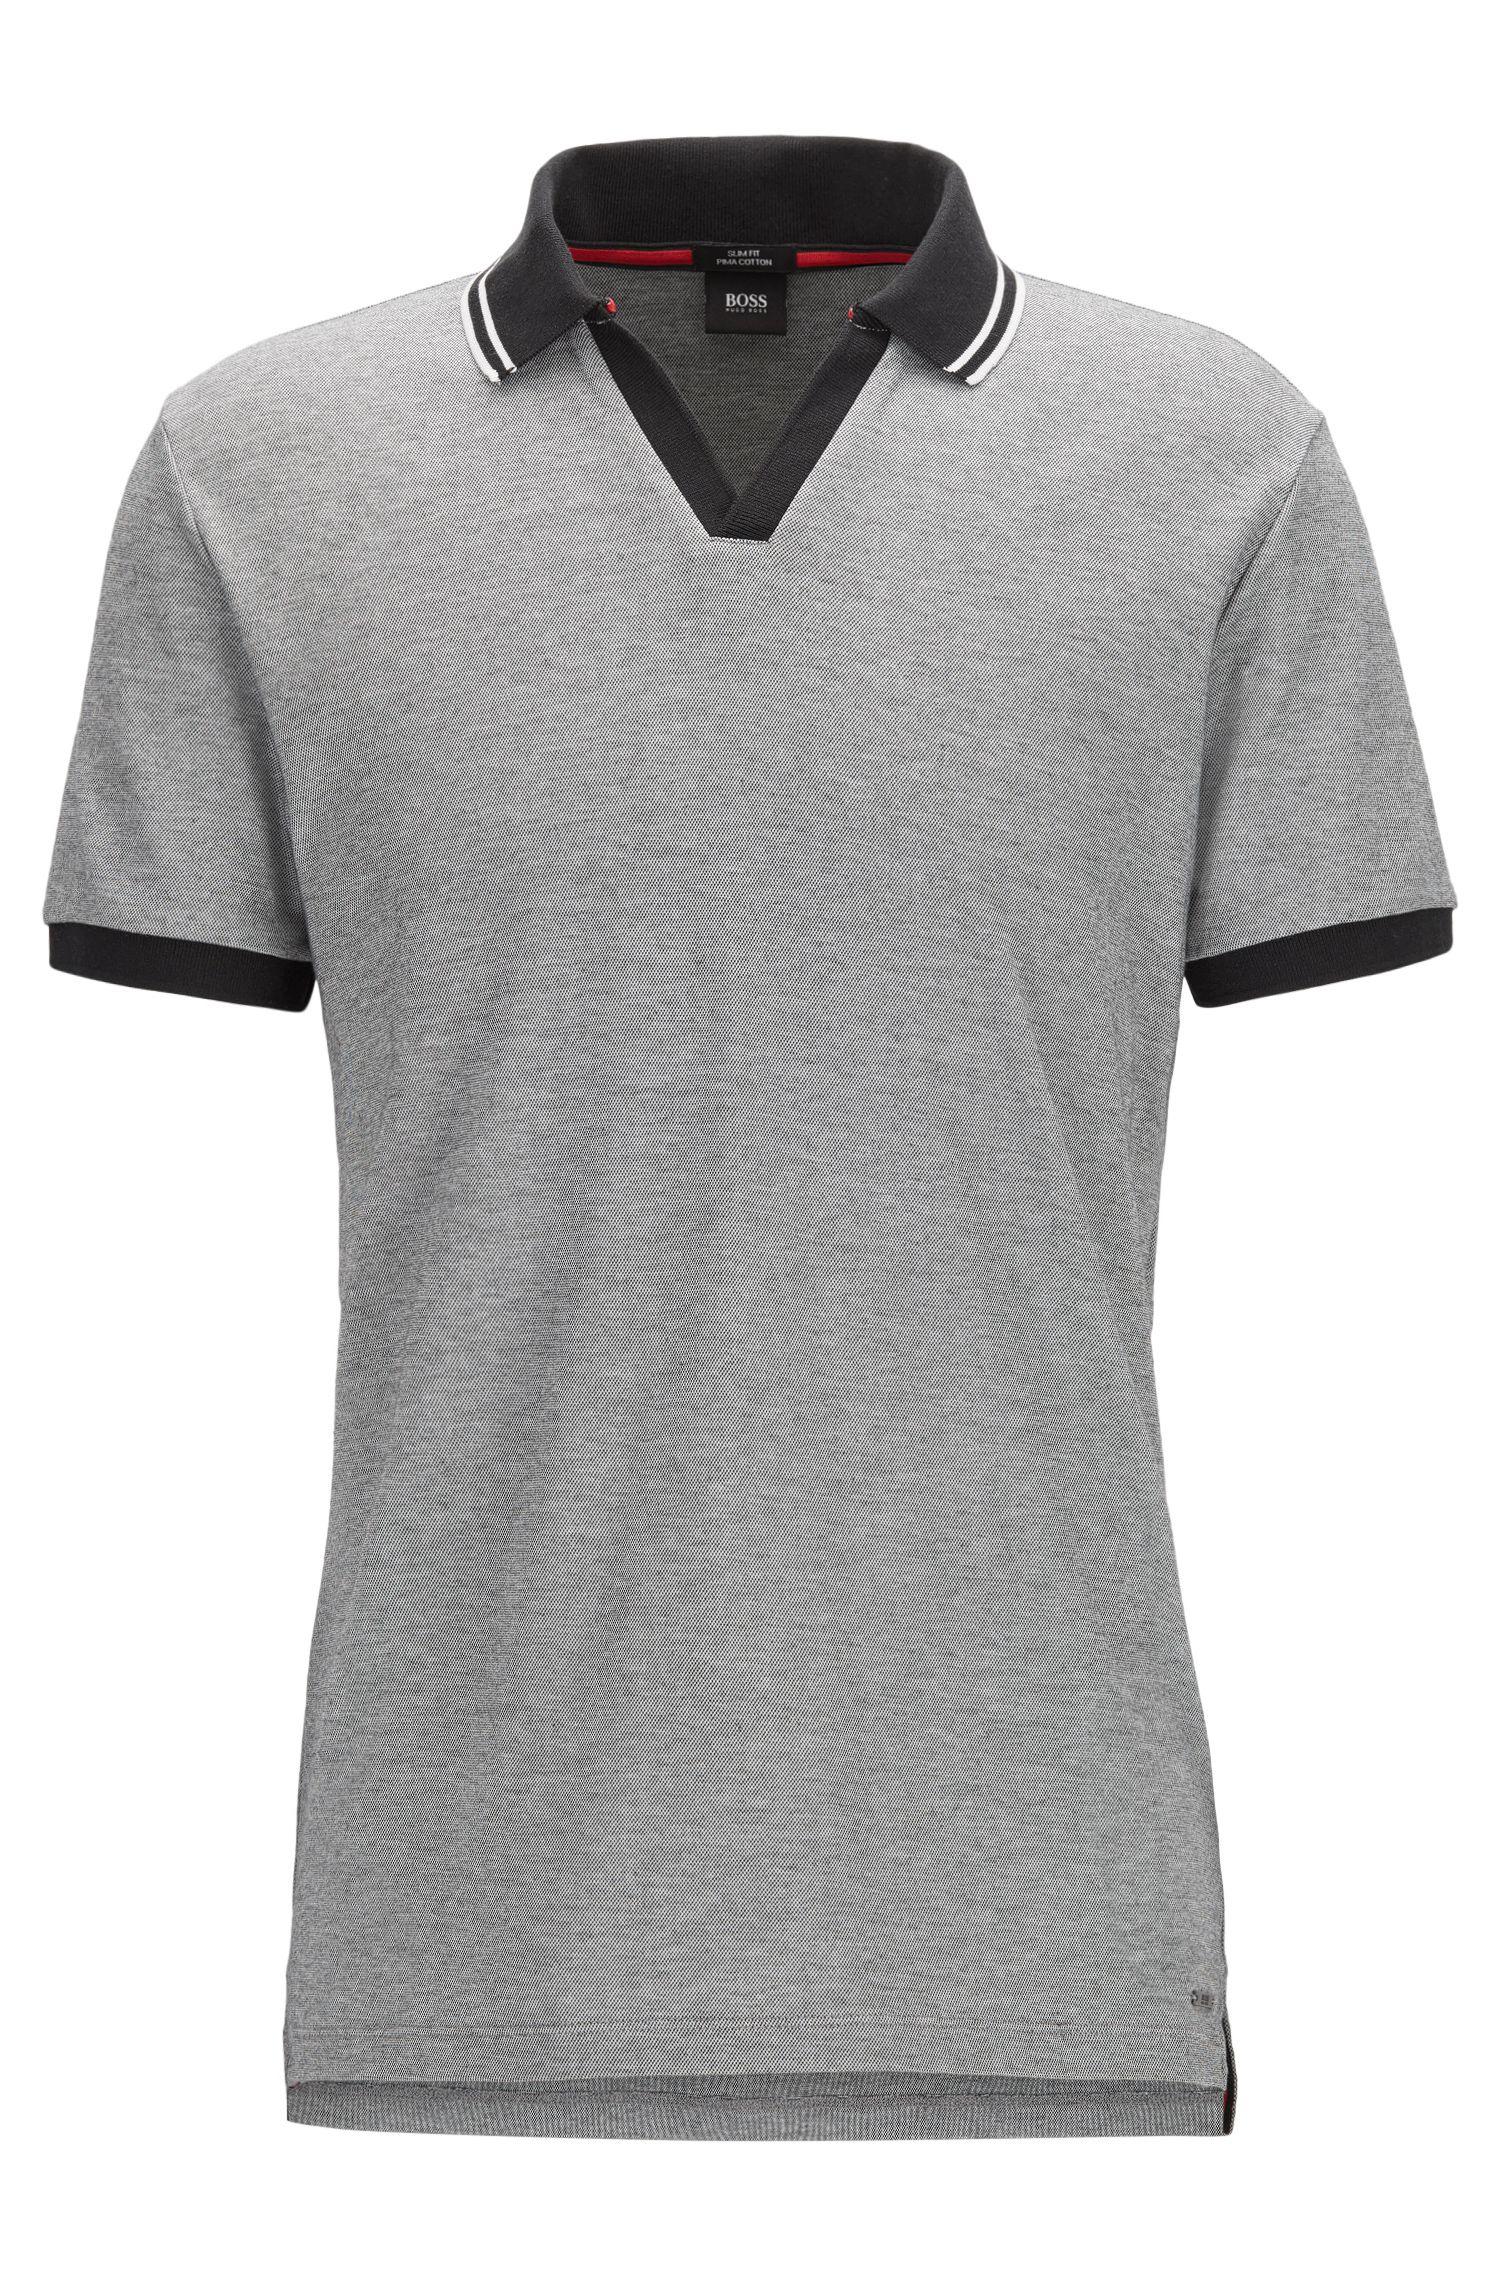 Pique Cotton Polo Shirt, Slim Fit | Phillipson, Black